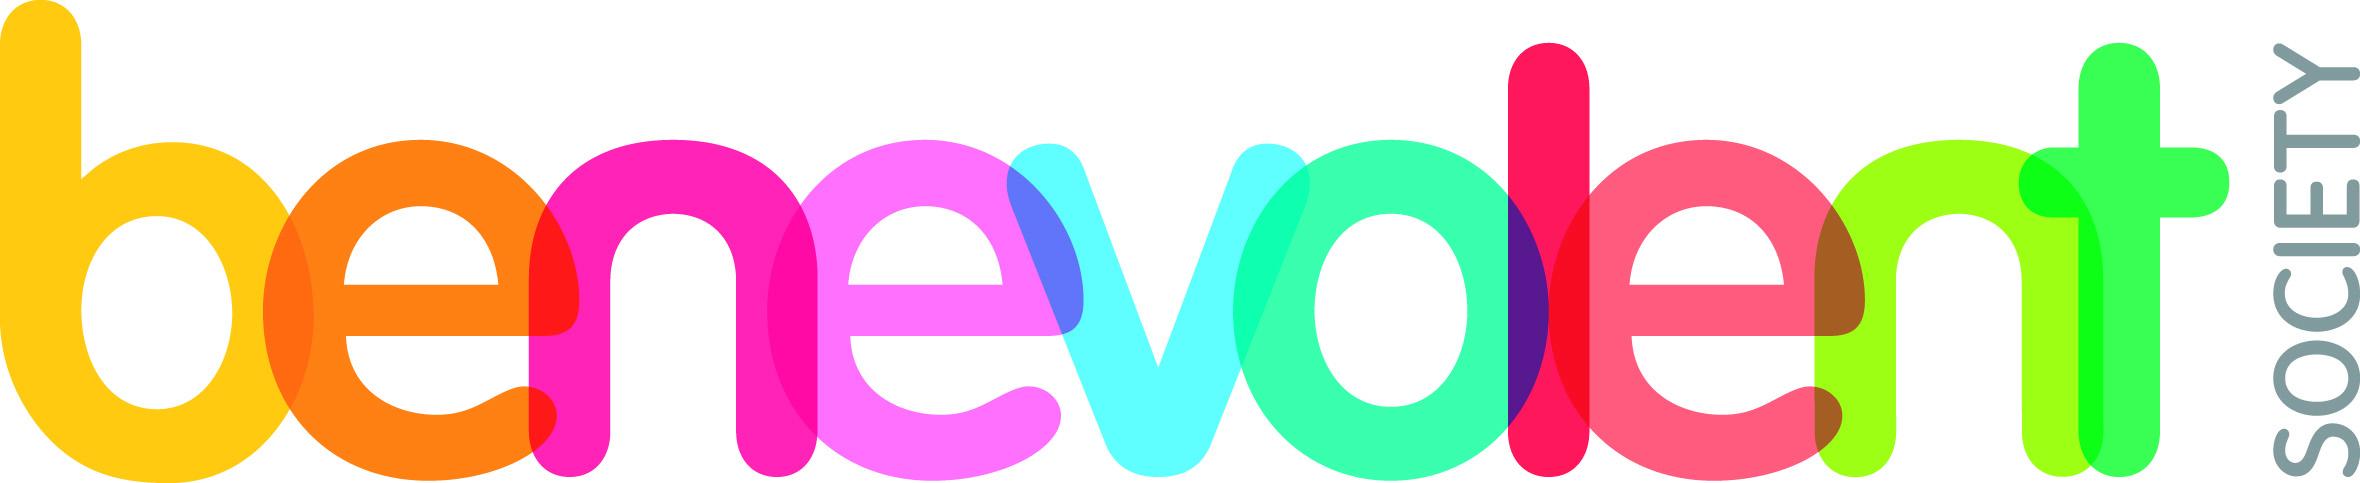 Benevolent_Society_logo_CMYK.jpg